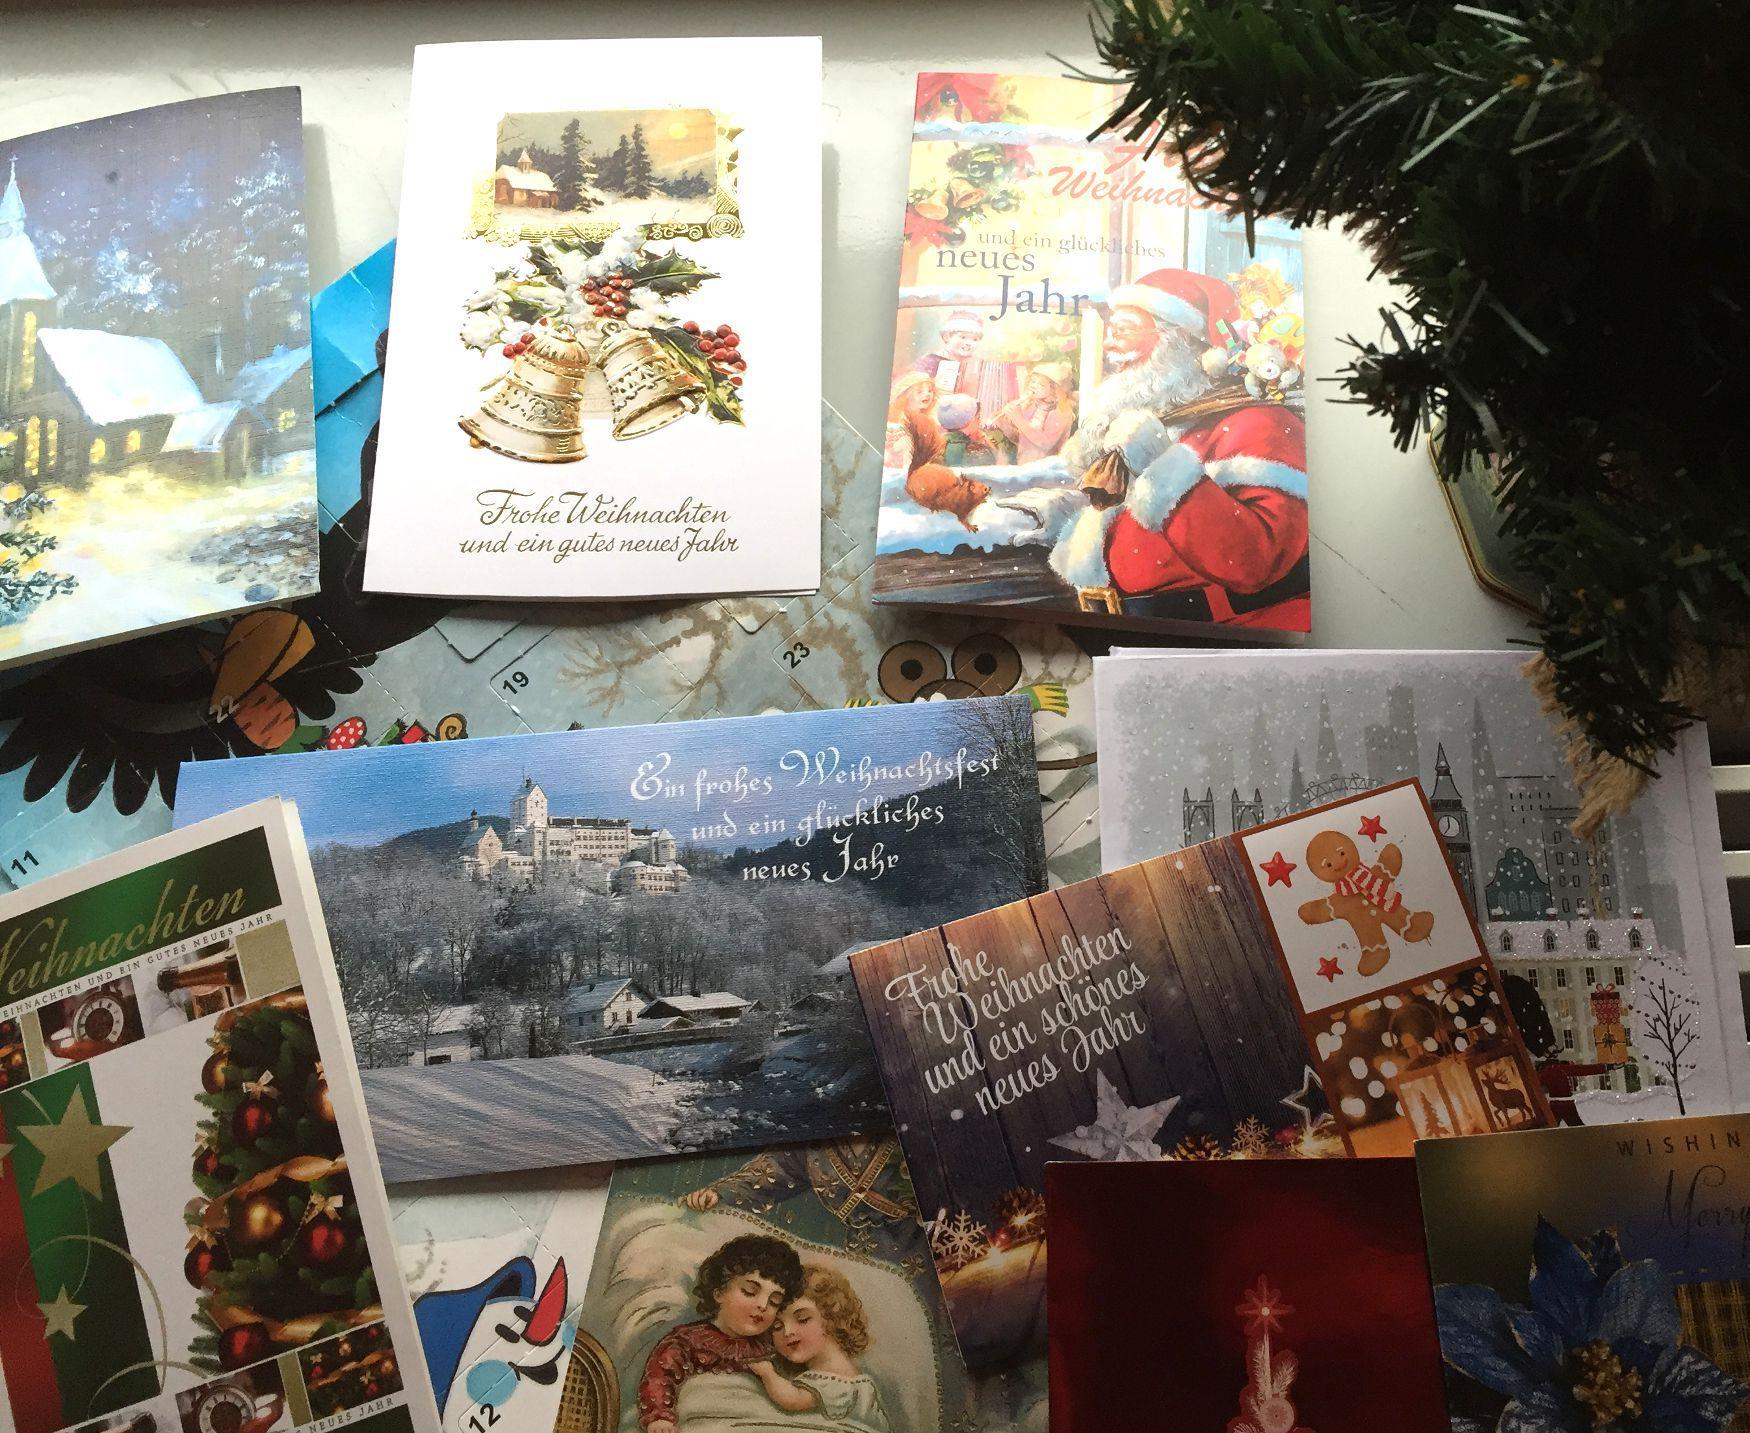 Frohe Weihnachten Und Ein Gutes Neues Jahr Tschechisch.Mit Horerpost Ins Neue Jahr Radio Prague International